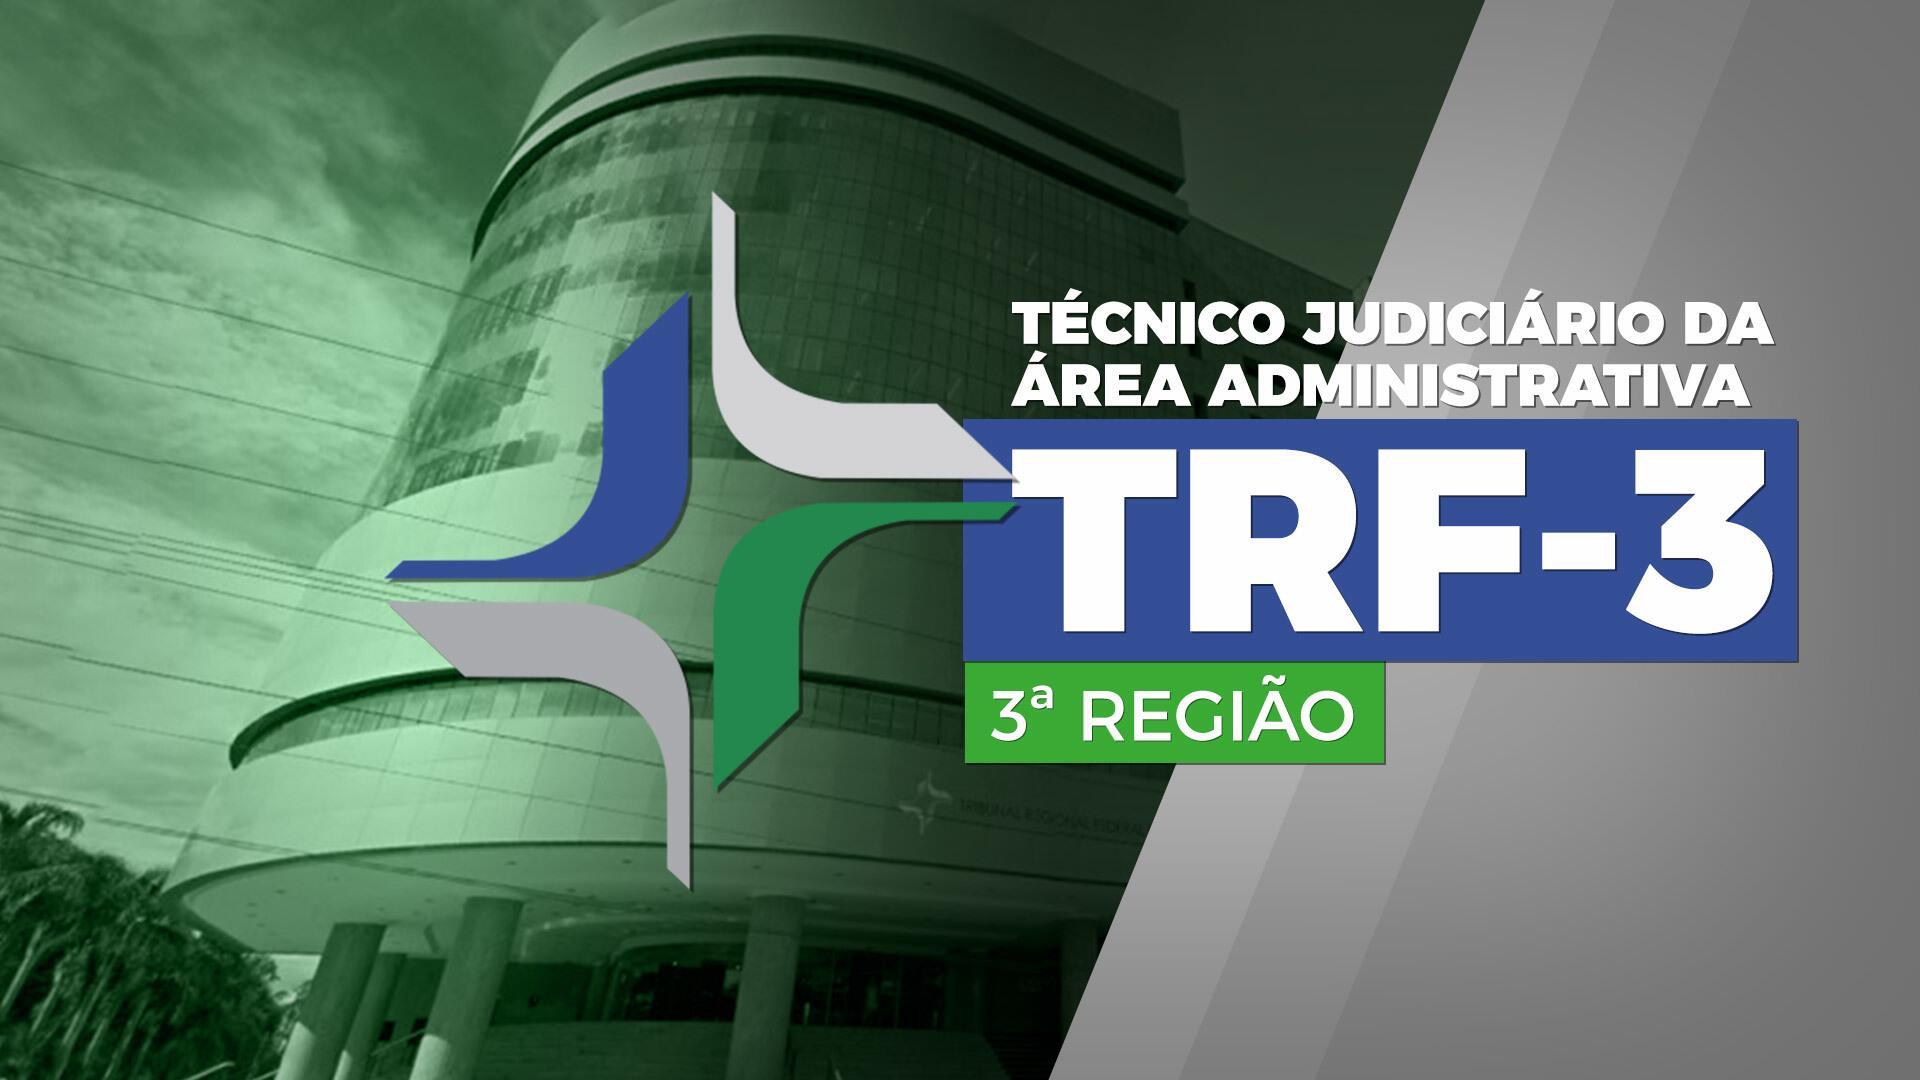 TRF 3ª Região - Técnico Judiciário da Área Administrativa do Tribunal Regional Federal da 3ª Região